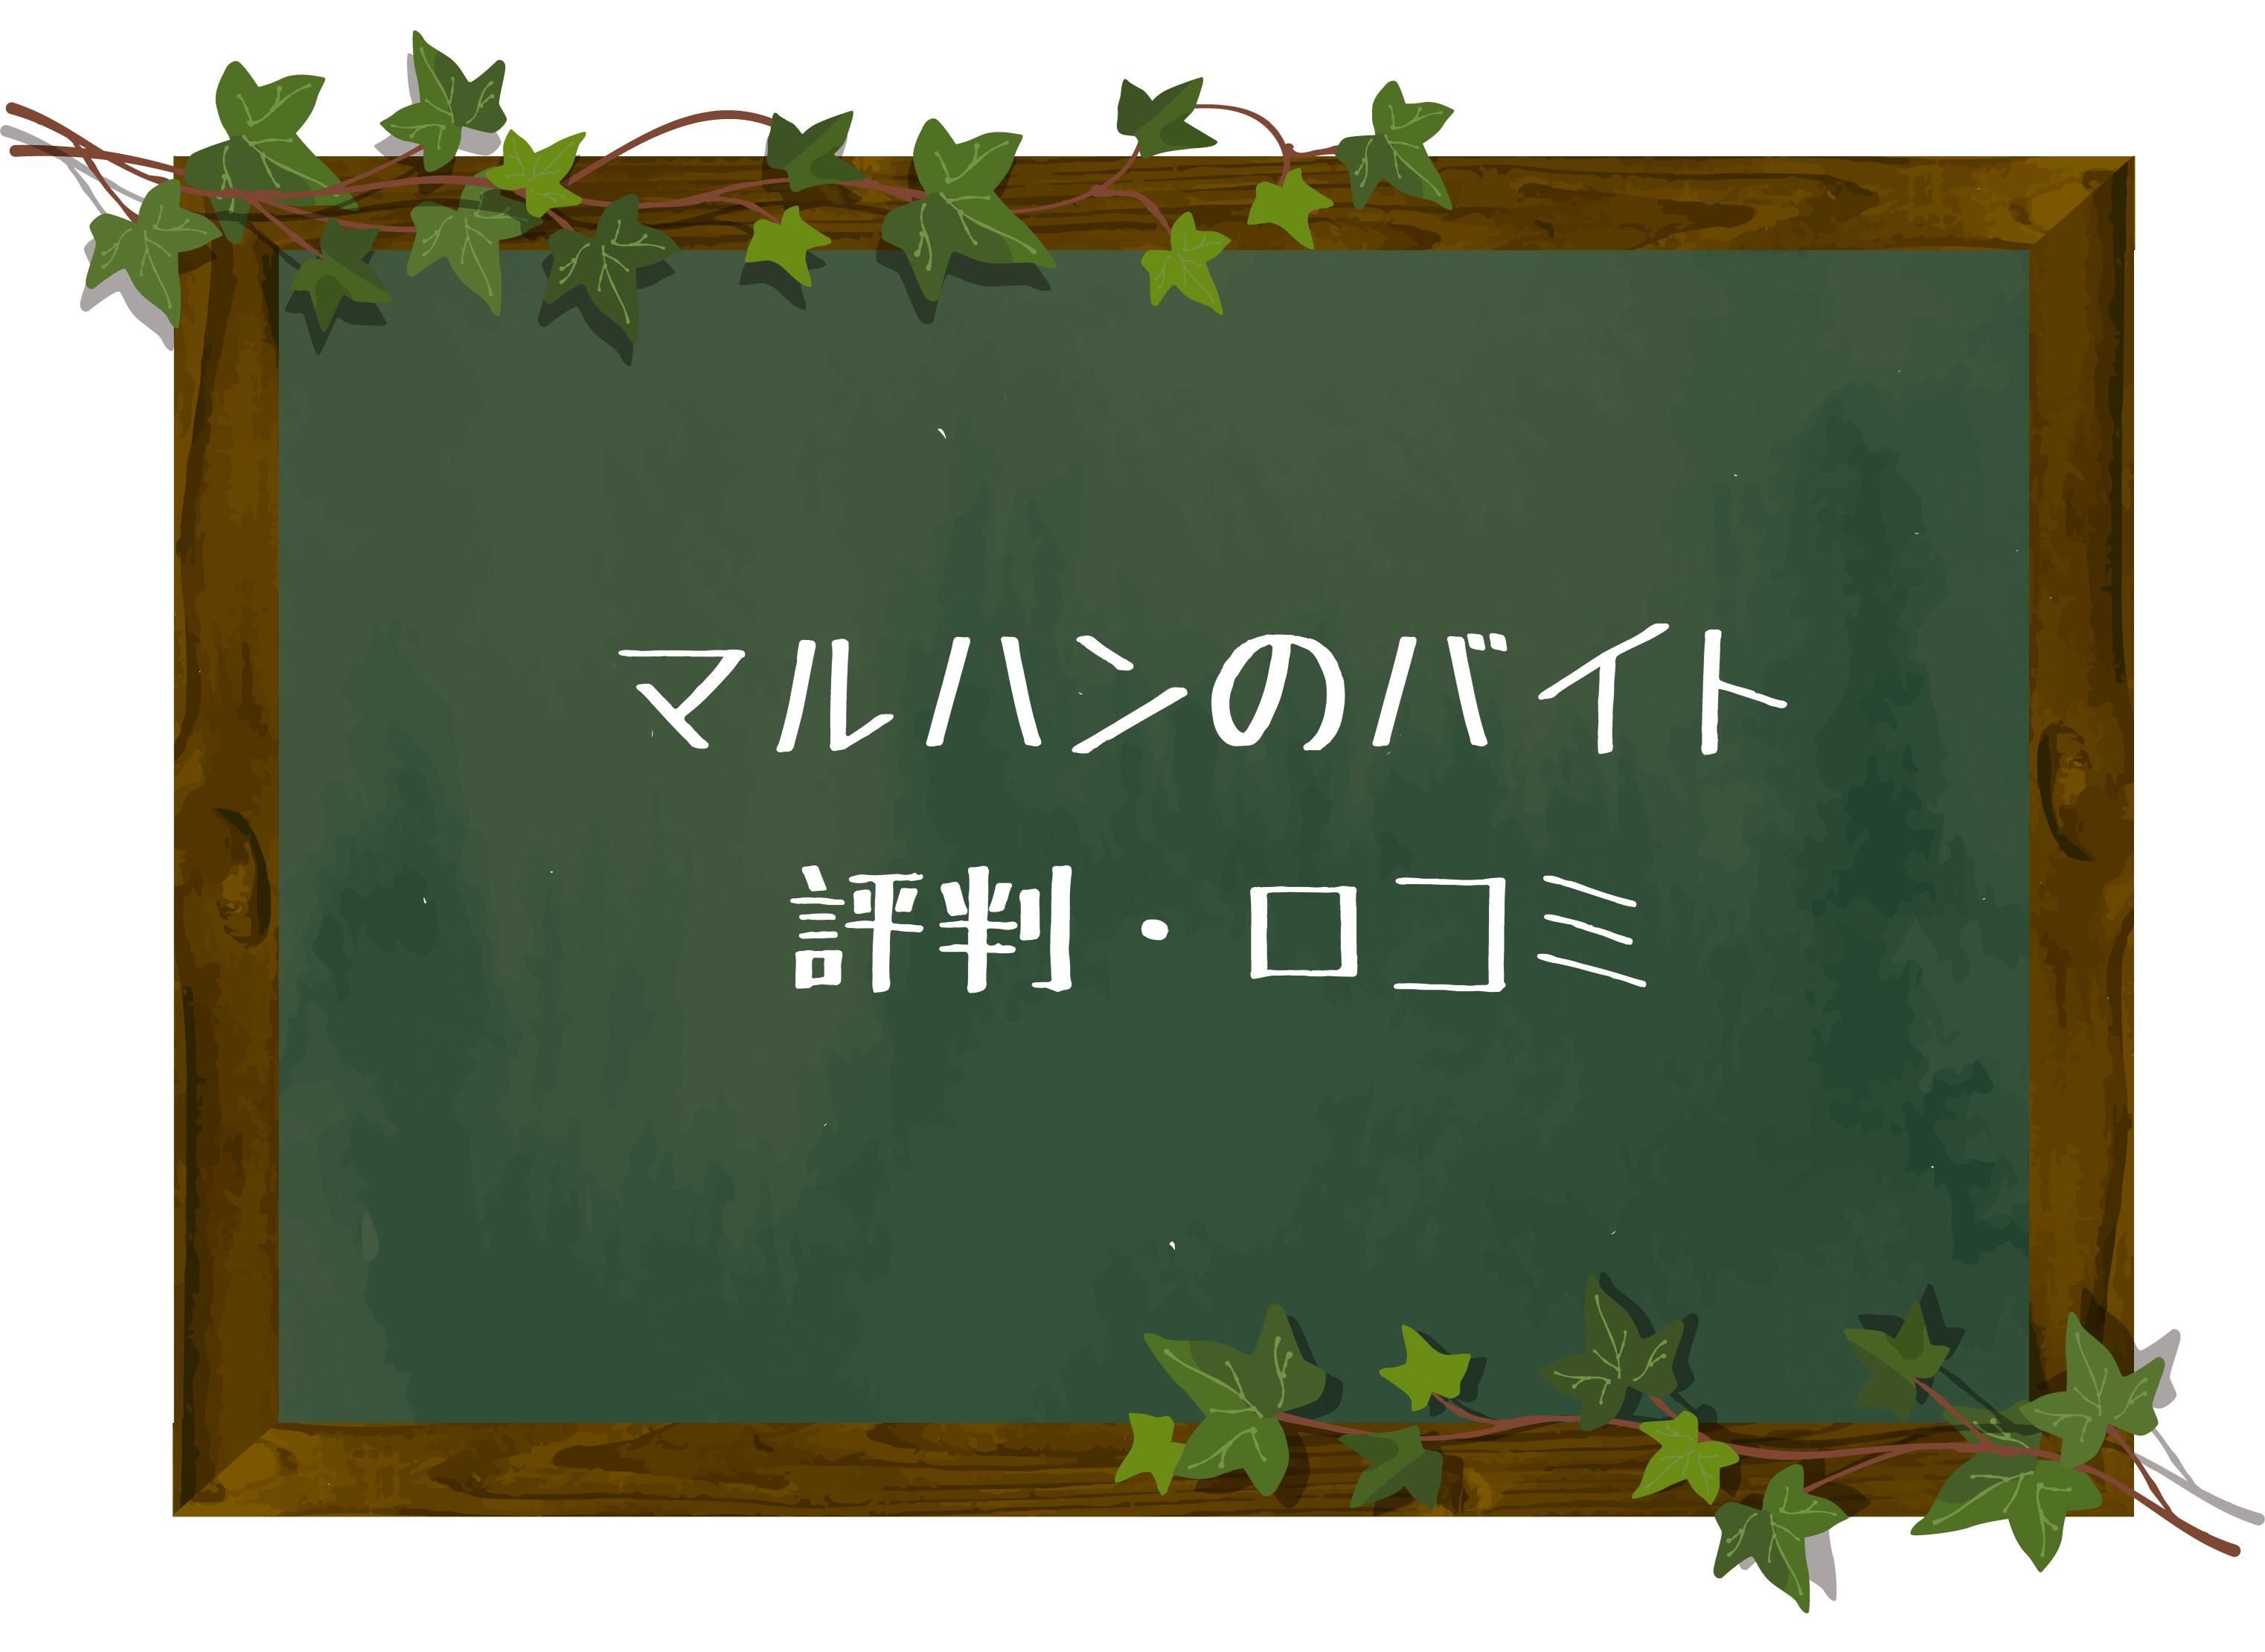 マルハンのバイト評判・口コミ紹介